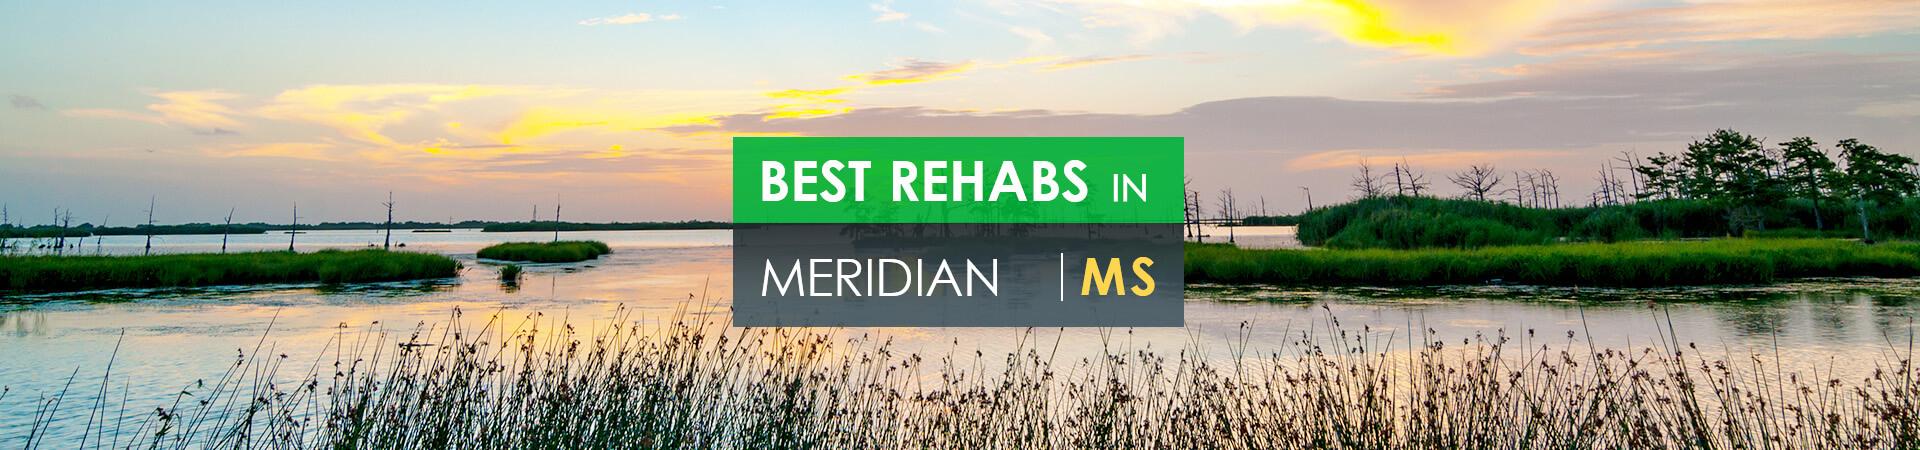 Best rehabs in Meridian, MS